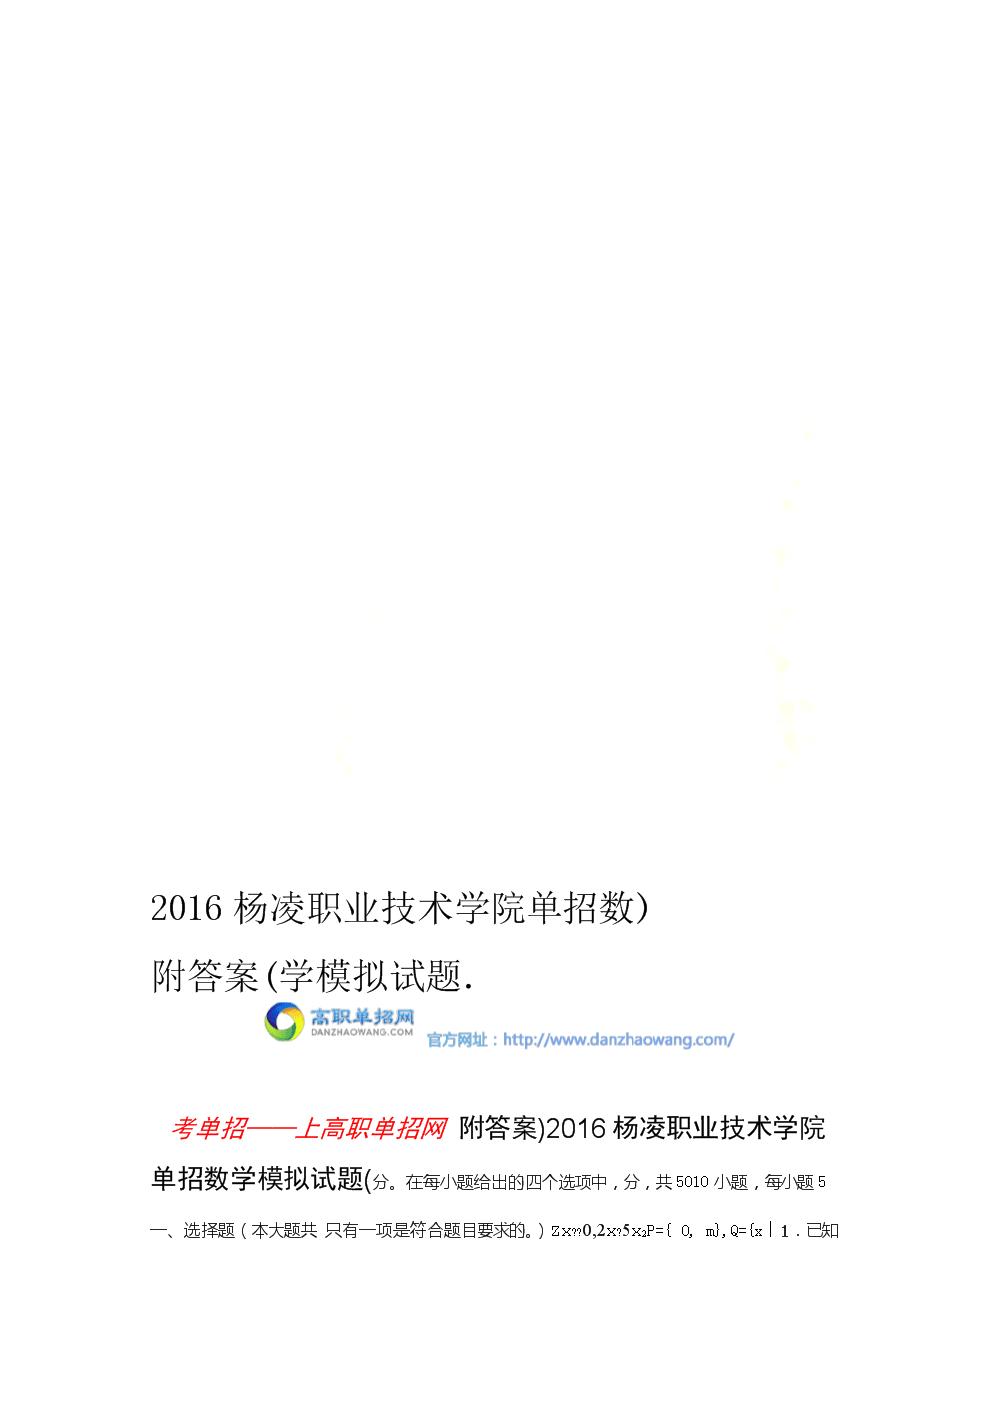 2016楊凌職業技術學院單招數學模擬試題附答案.doc